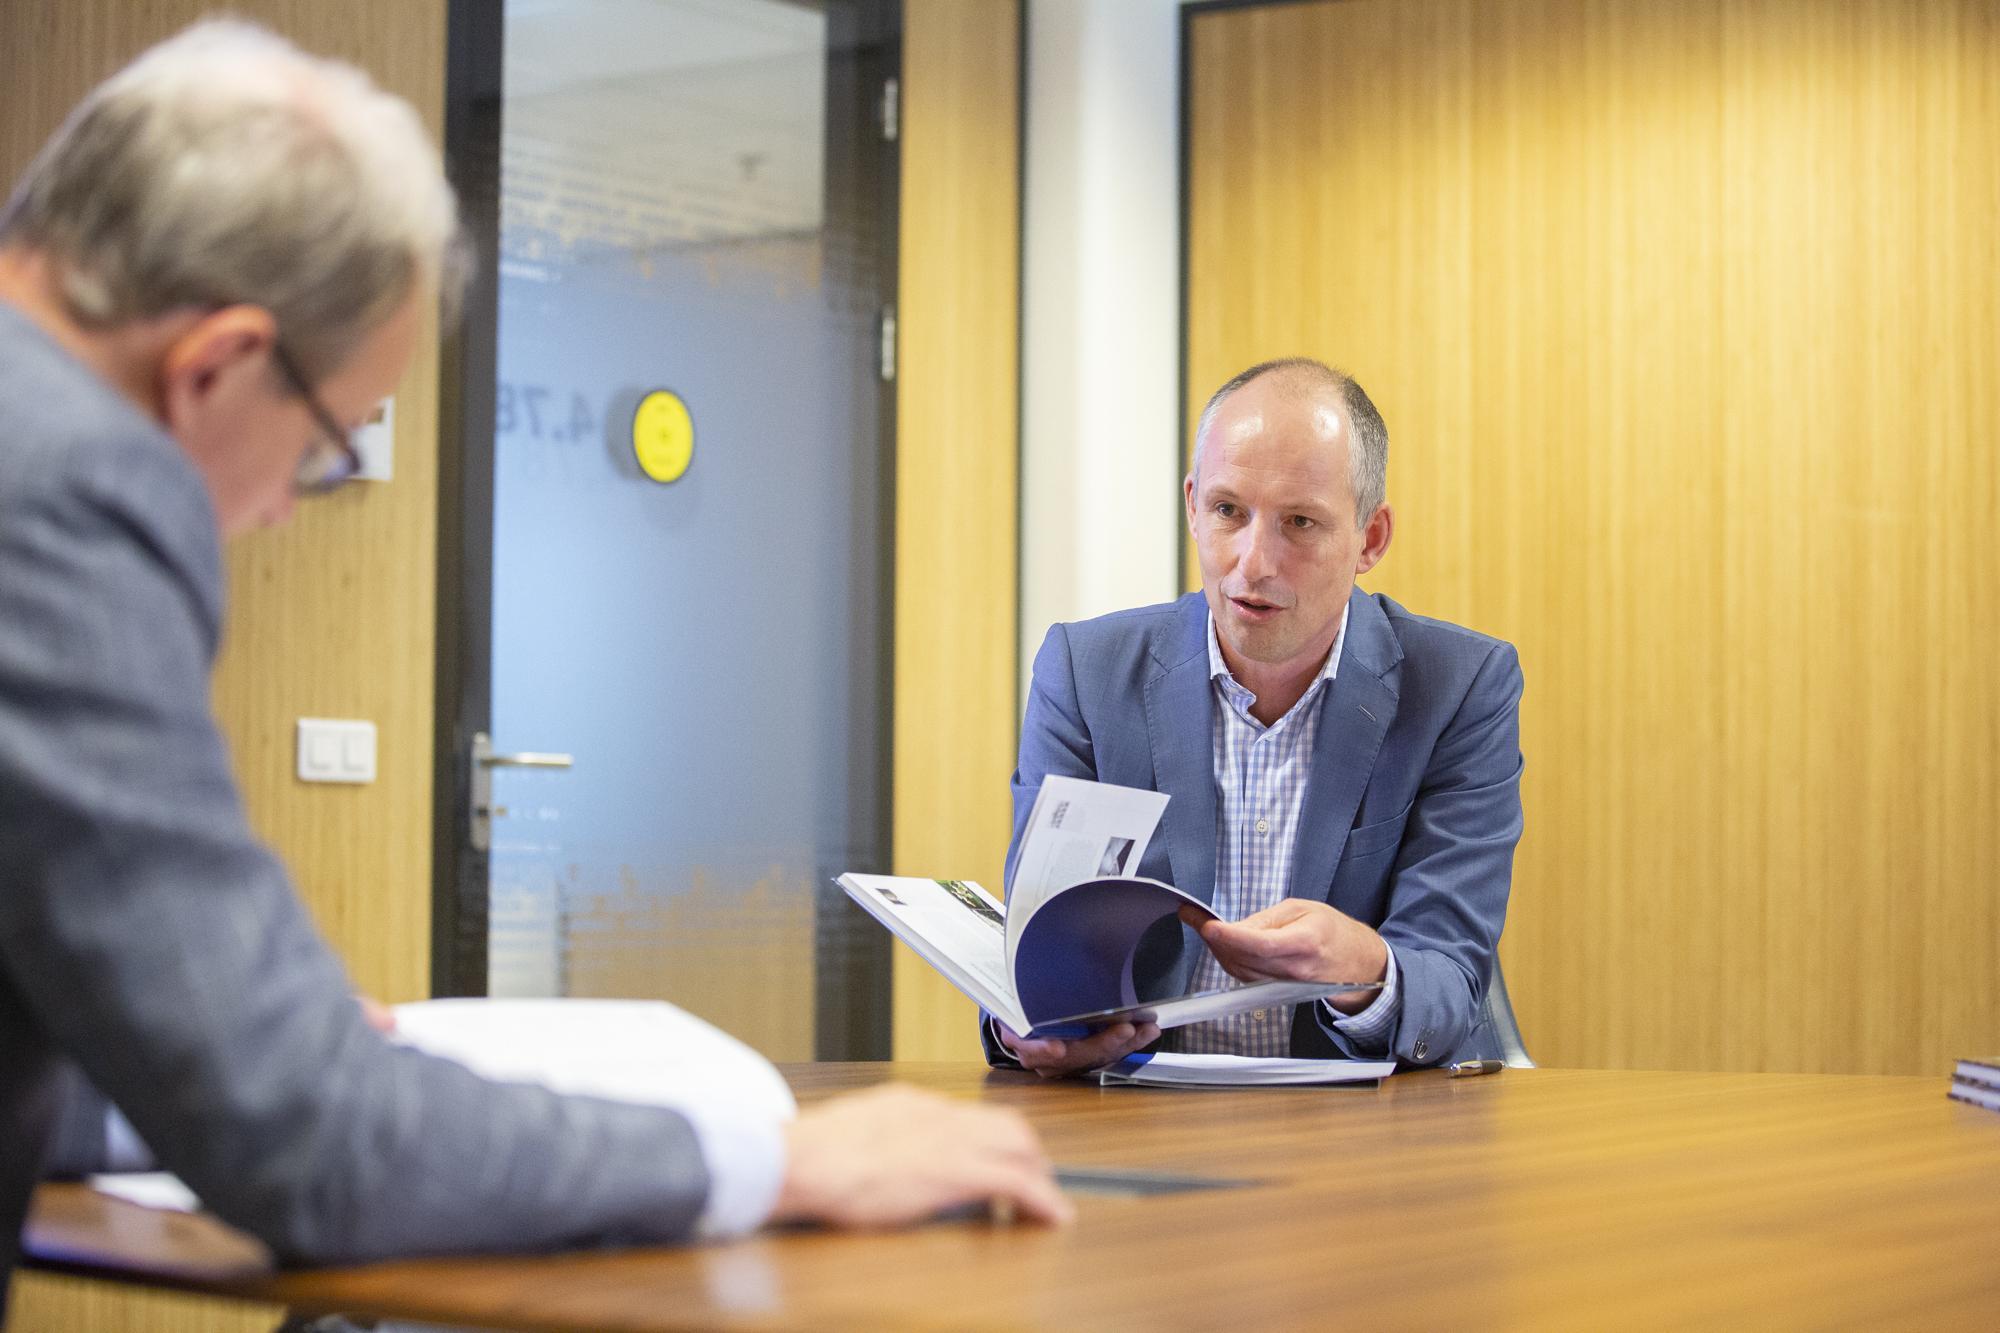 Universiteit en Den Haag tekenen akkoord over nieuwbouw in 'Central Innovation District'